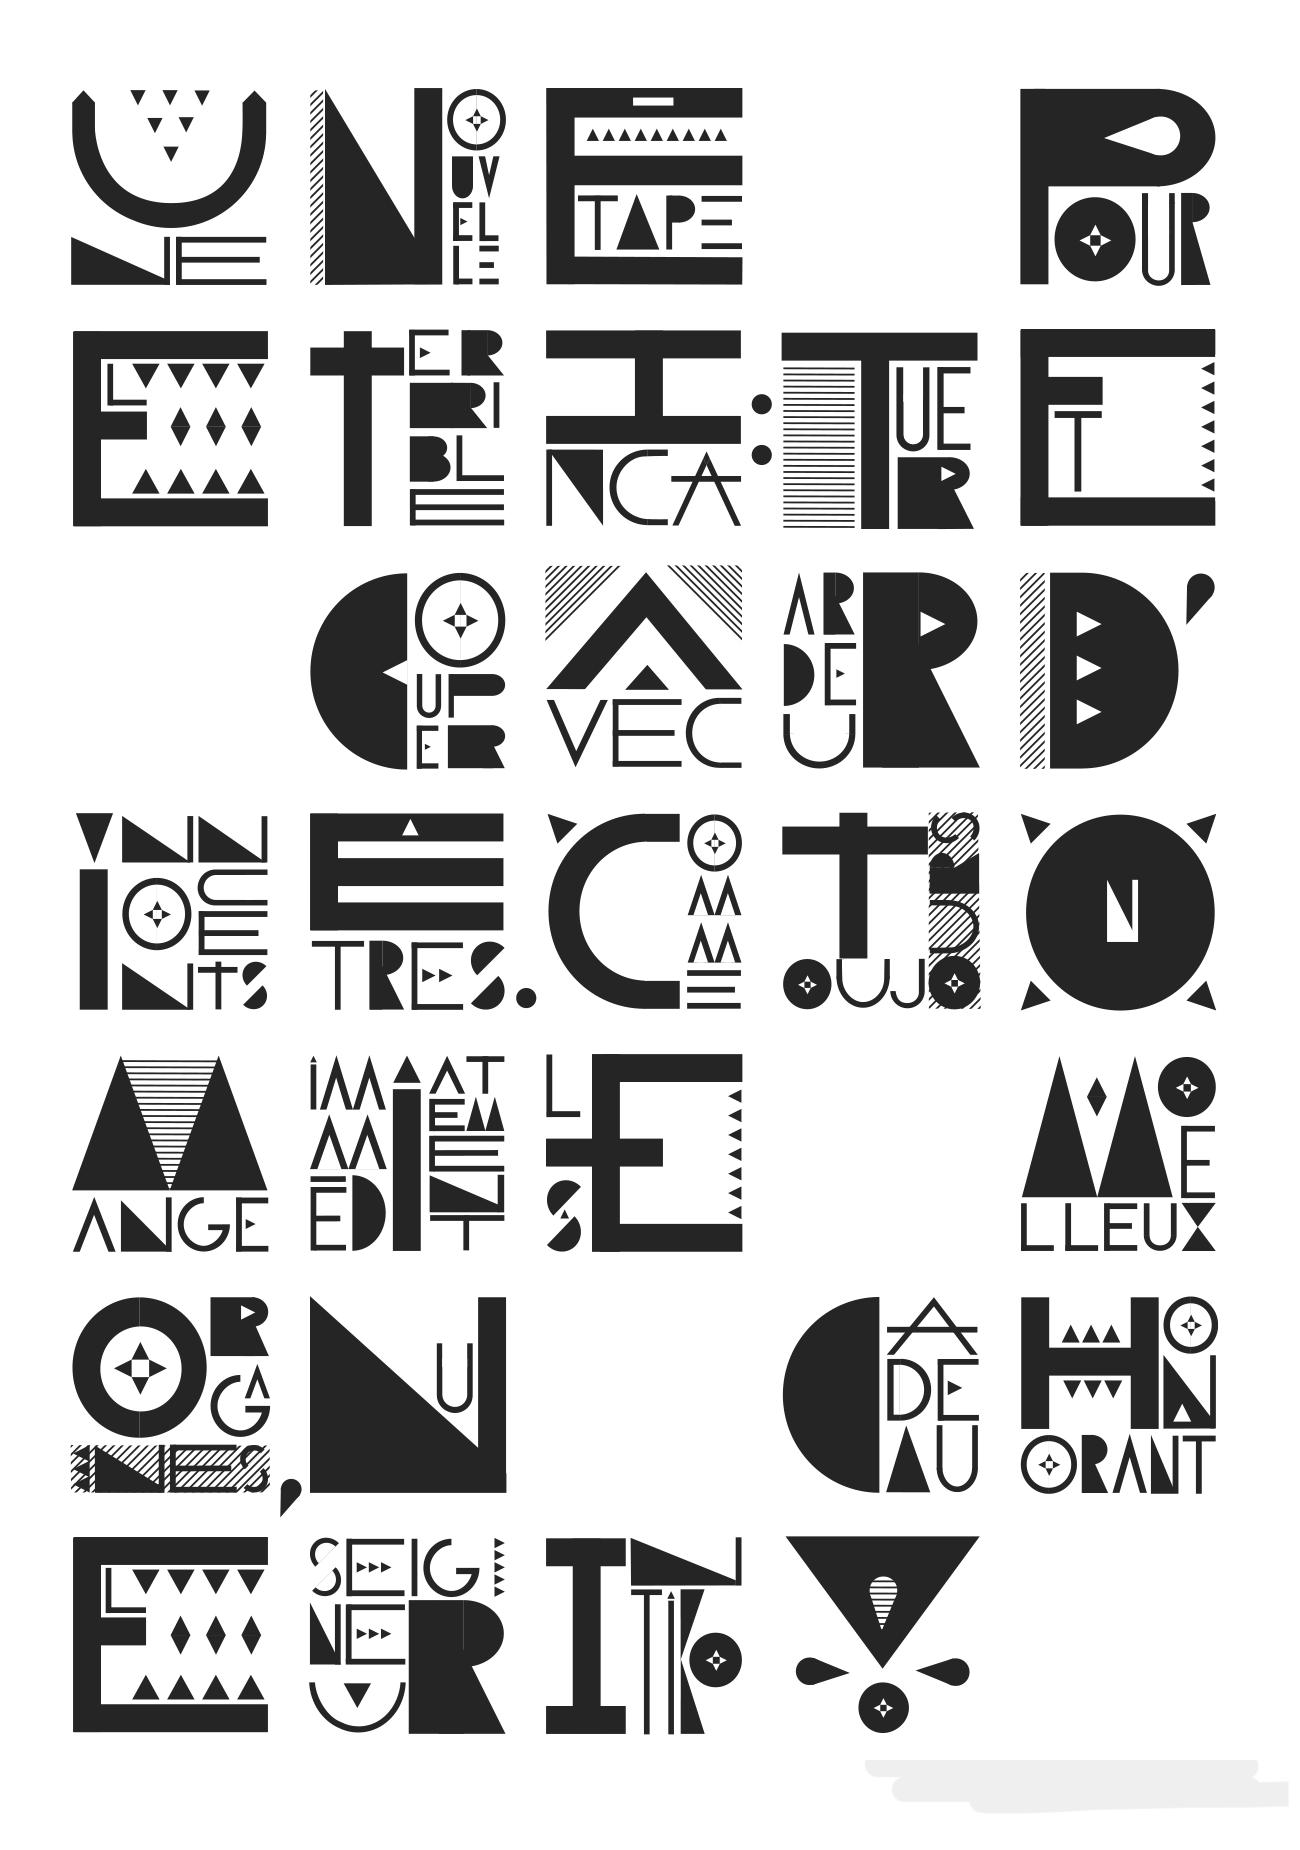 Spécimen typographique crée par les étudiant·e·s lors d'un workshop que j'ai animé à la HEAD (je ne me souviens pas des noms des étudiant·e·s – écrivez-moi pour être crédités). Caractères qui contiennent des mots, pour une double lecture